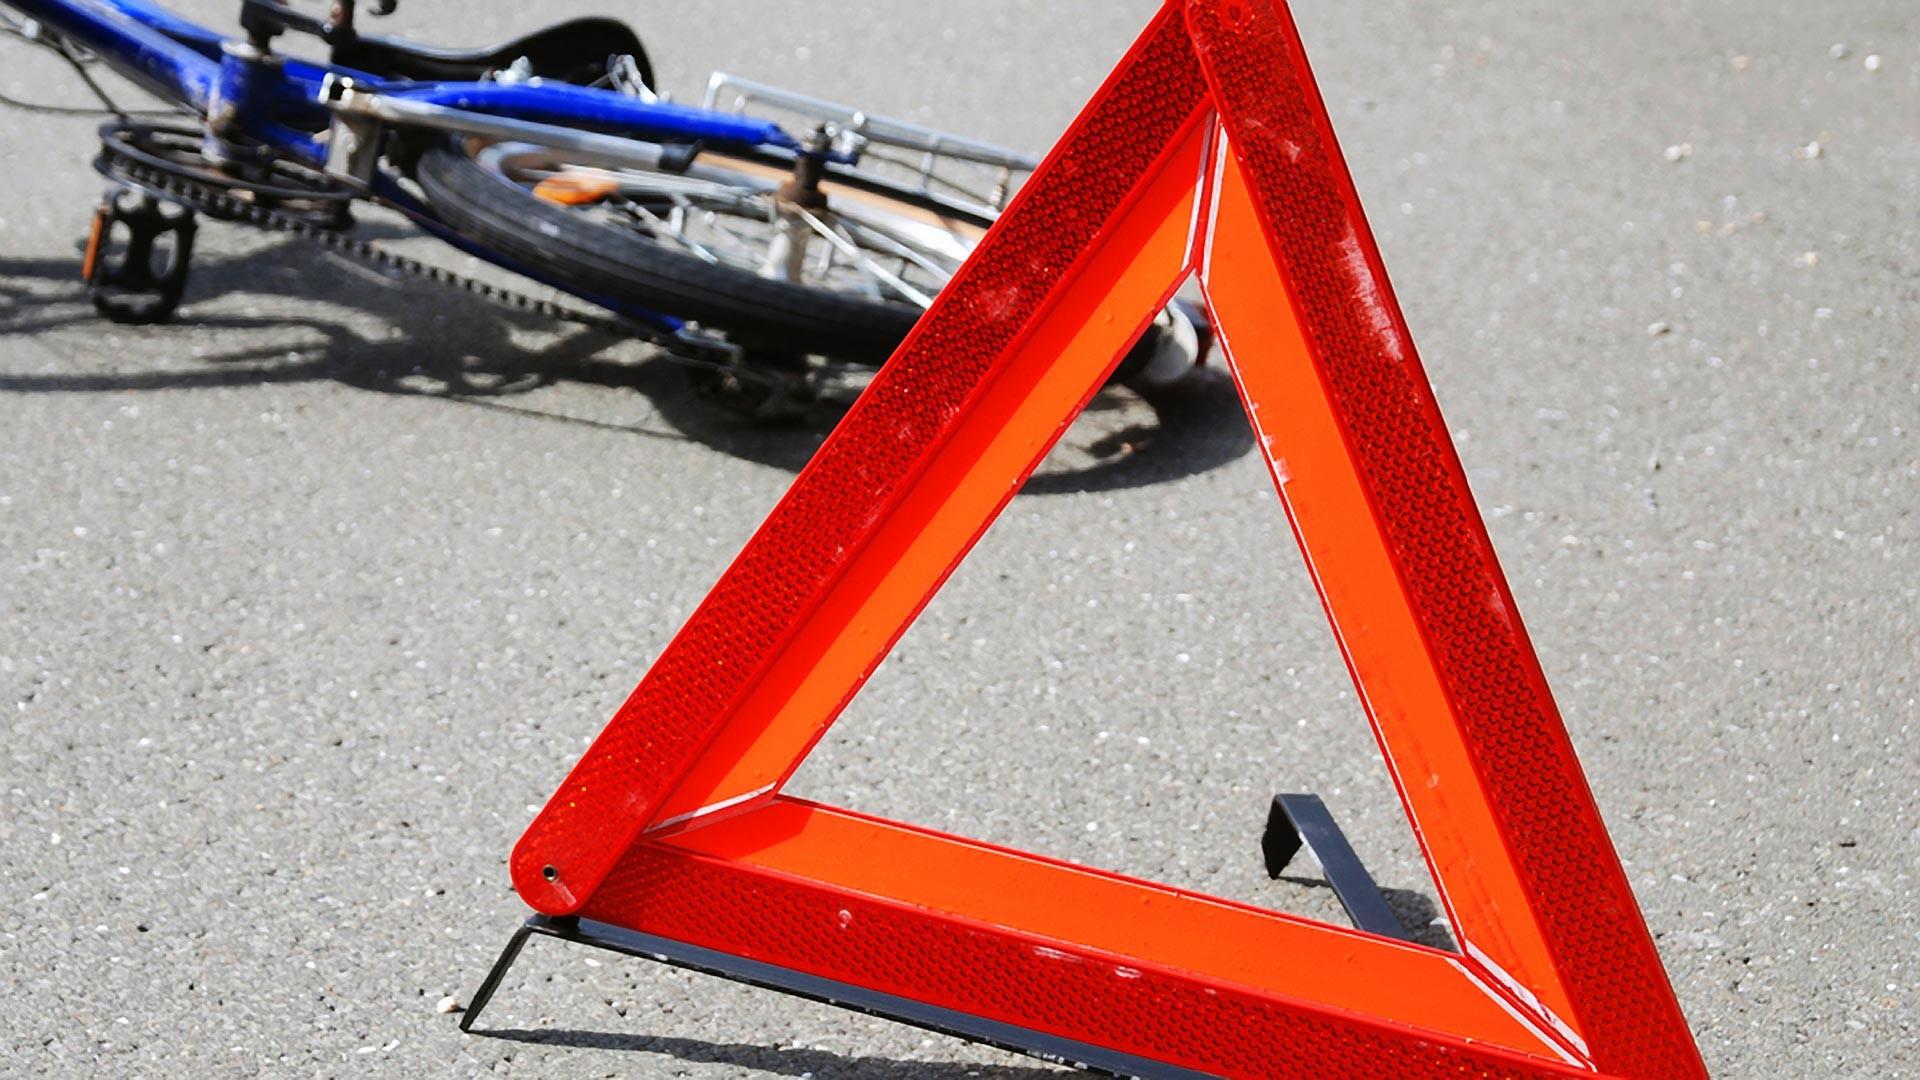 ВКрасноярске велосипедистка угодила под колеса Хонда напешеходном переходе